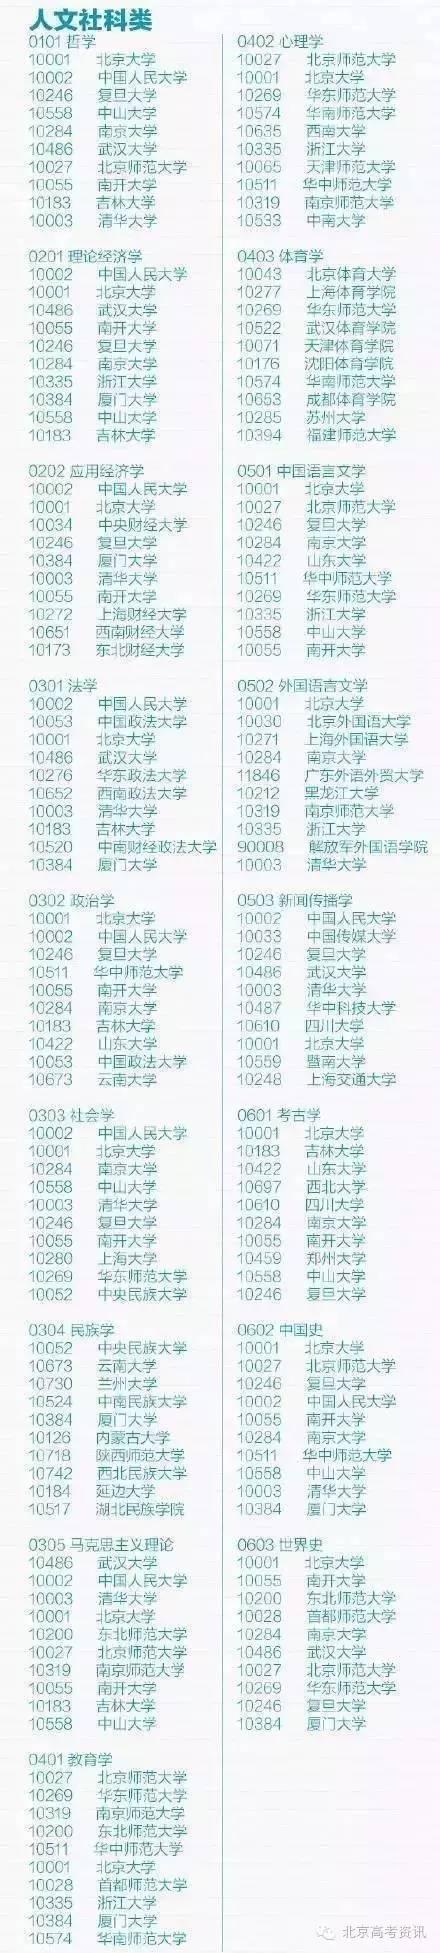 理工农医文史哲等各专业排名前10高校榜单